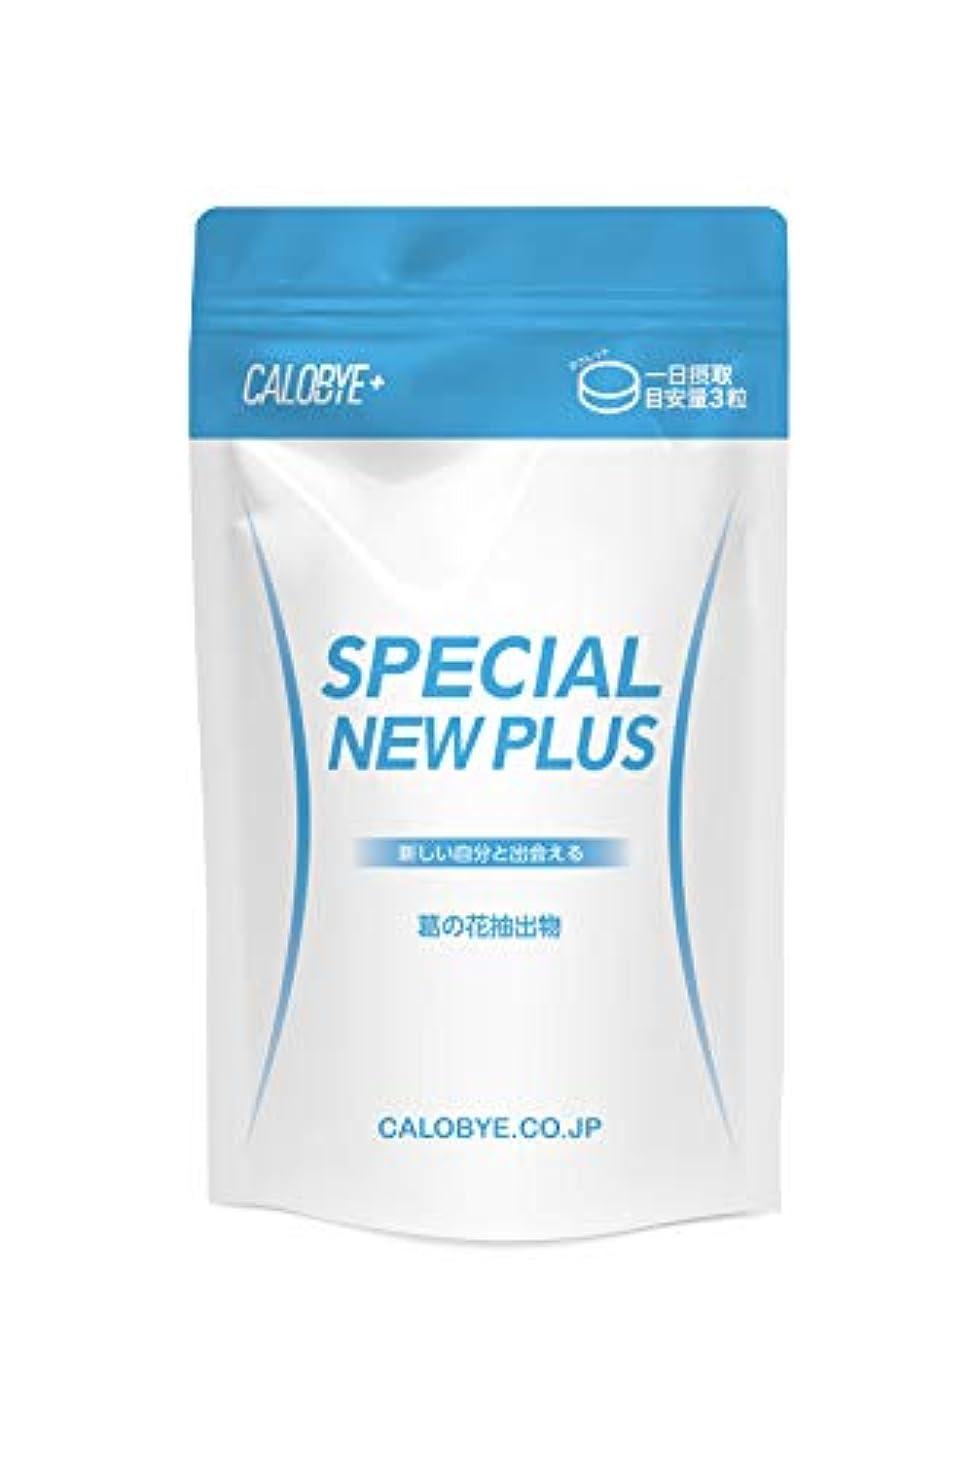 衰える触覚欠点【カロバイプラス公式】CALOBYE+ Special New Plus(カロバイプラス?スペシャルニュープラス) …